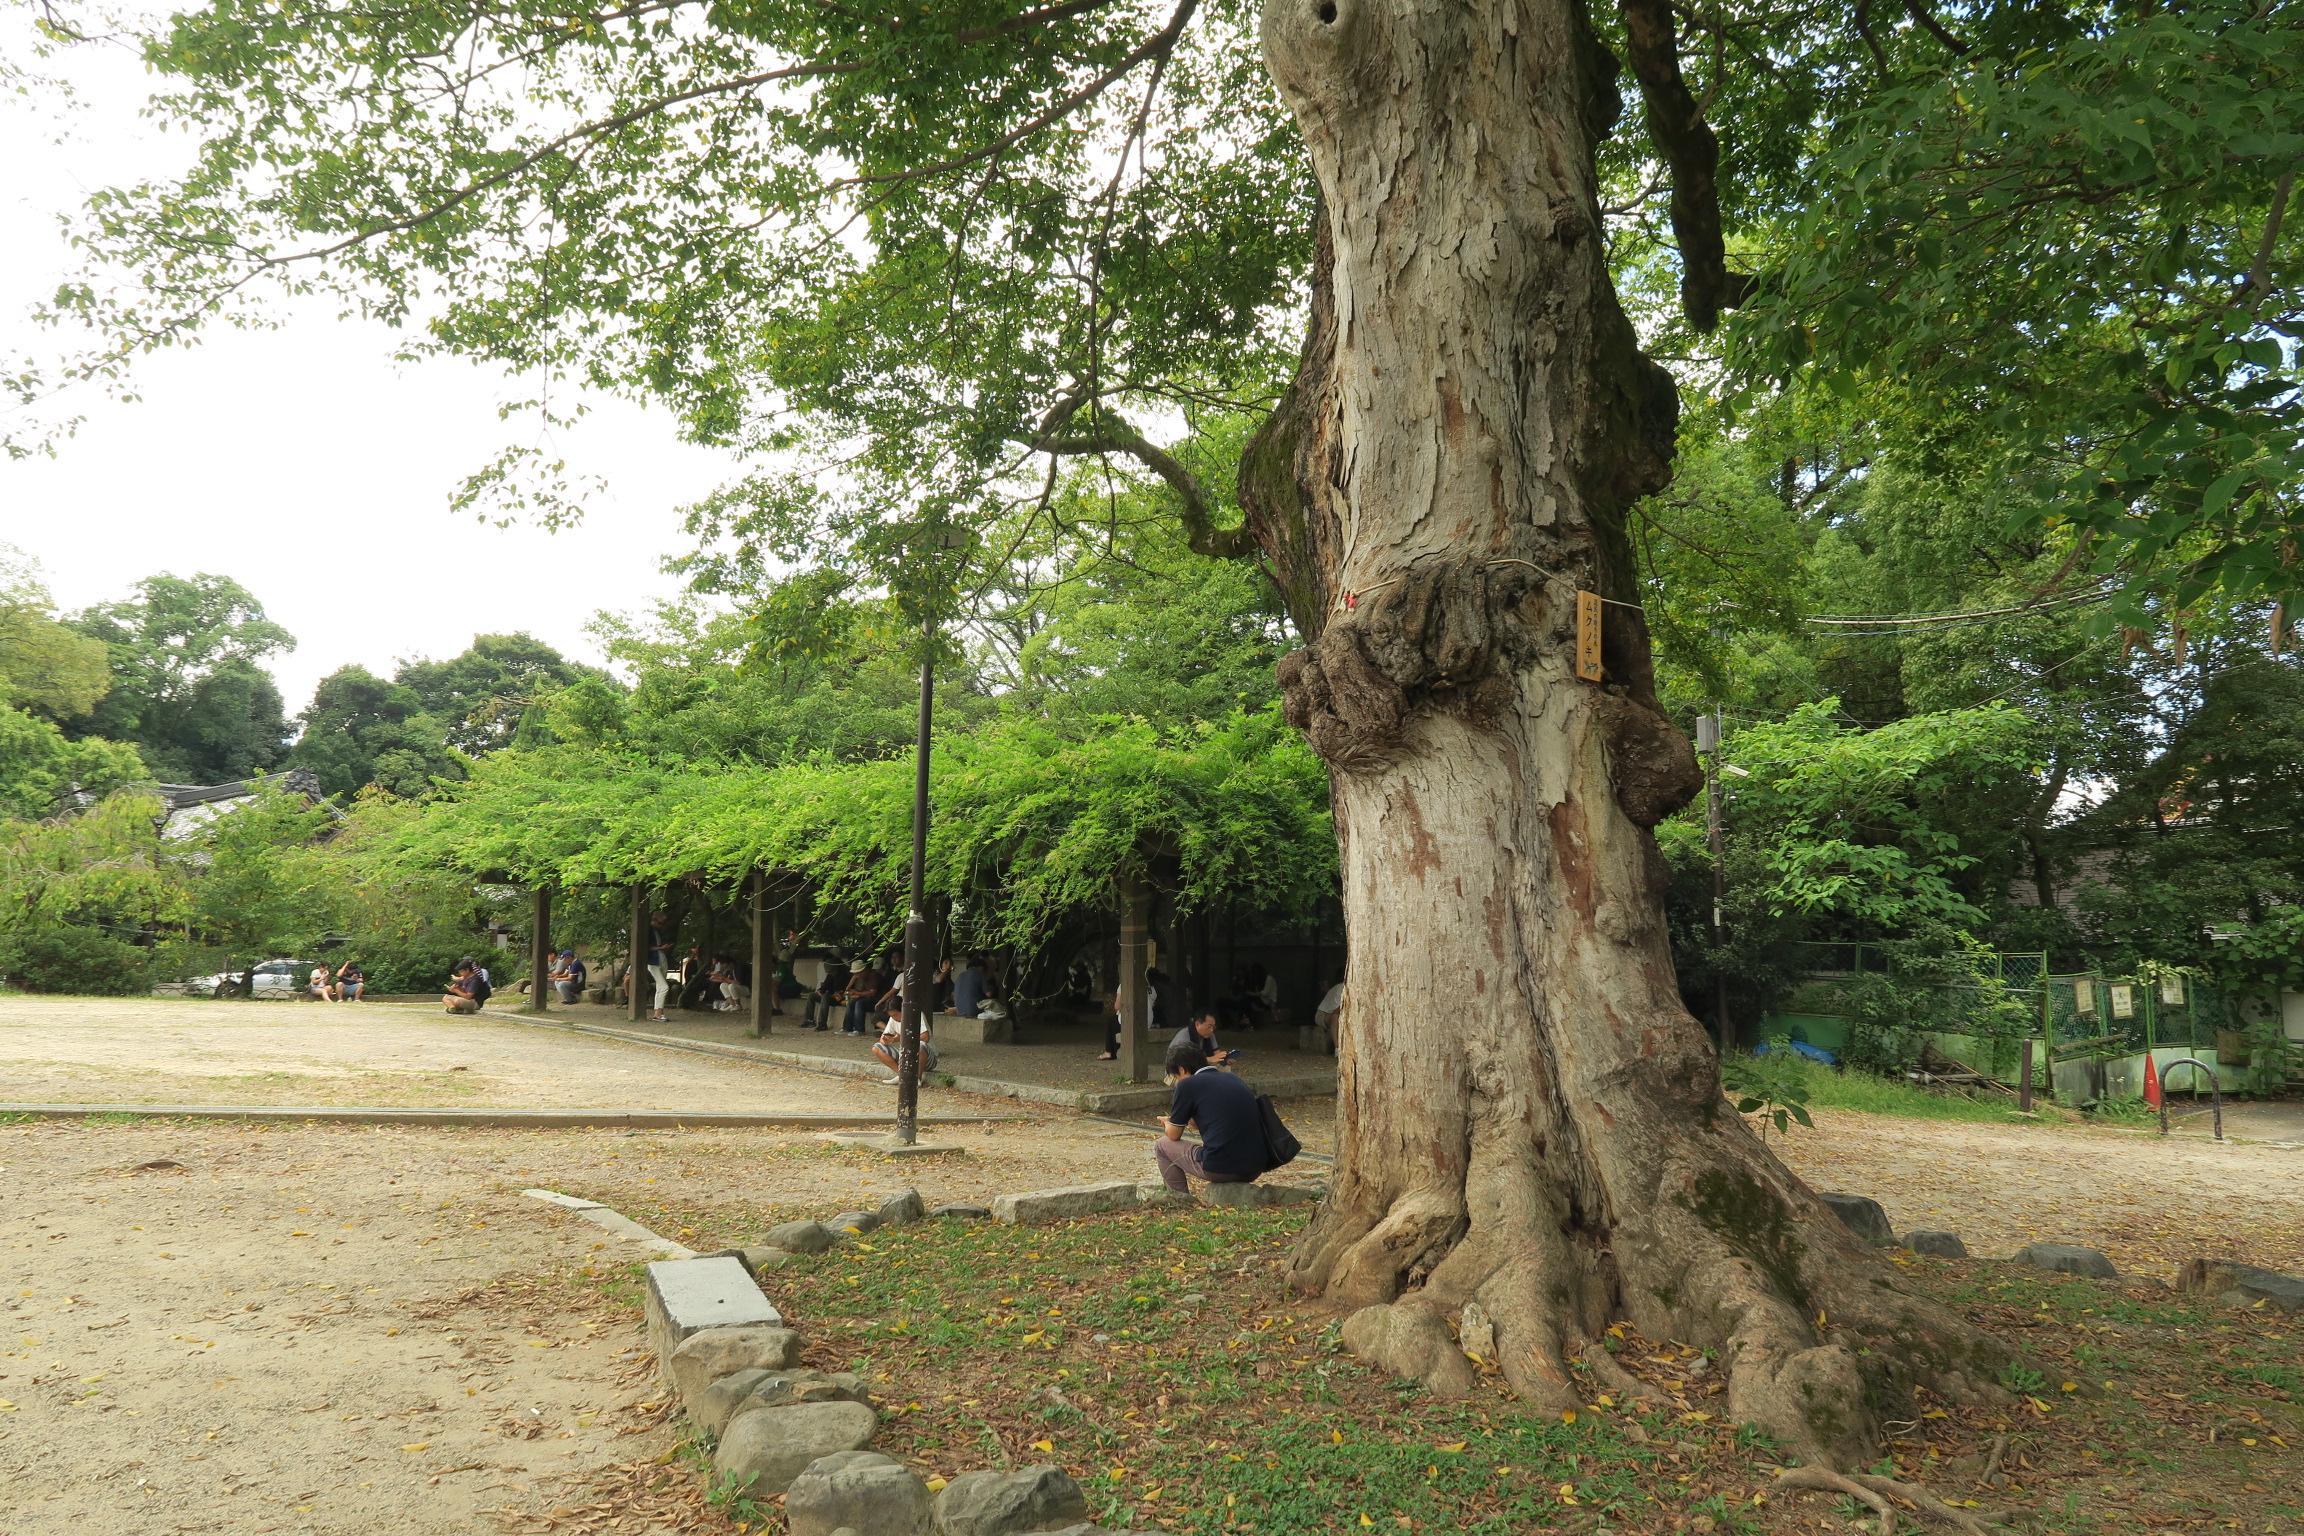 円山公園には休憩するイスもたくさんあります。この日はスマホをイジる人で賑わってました。ポケGOかな?